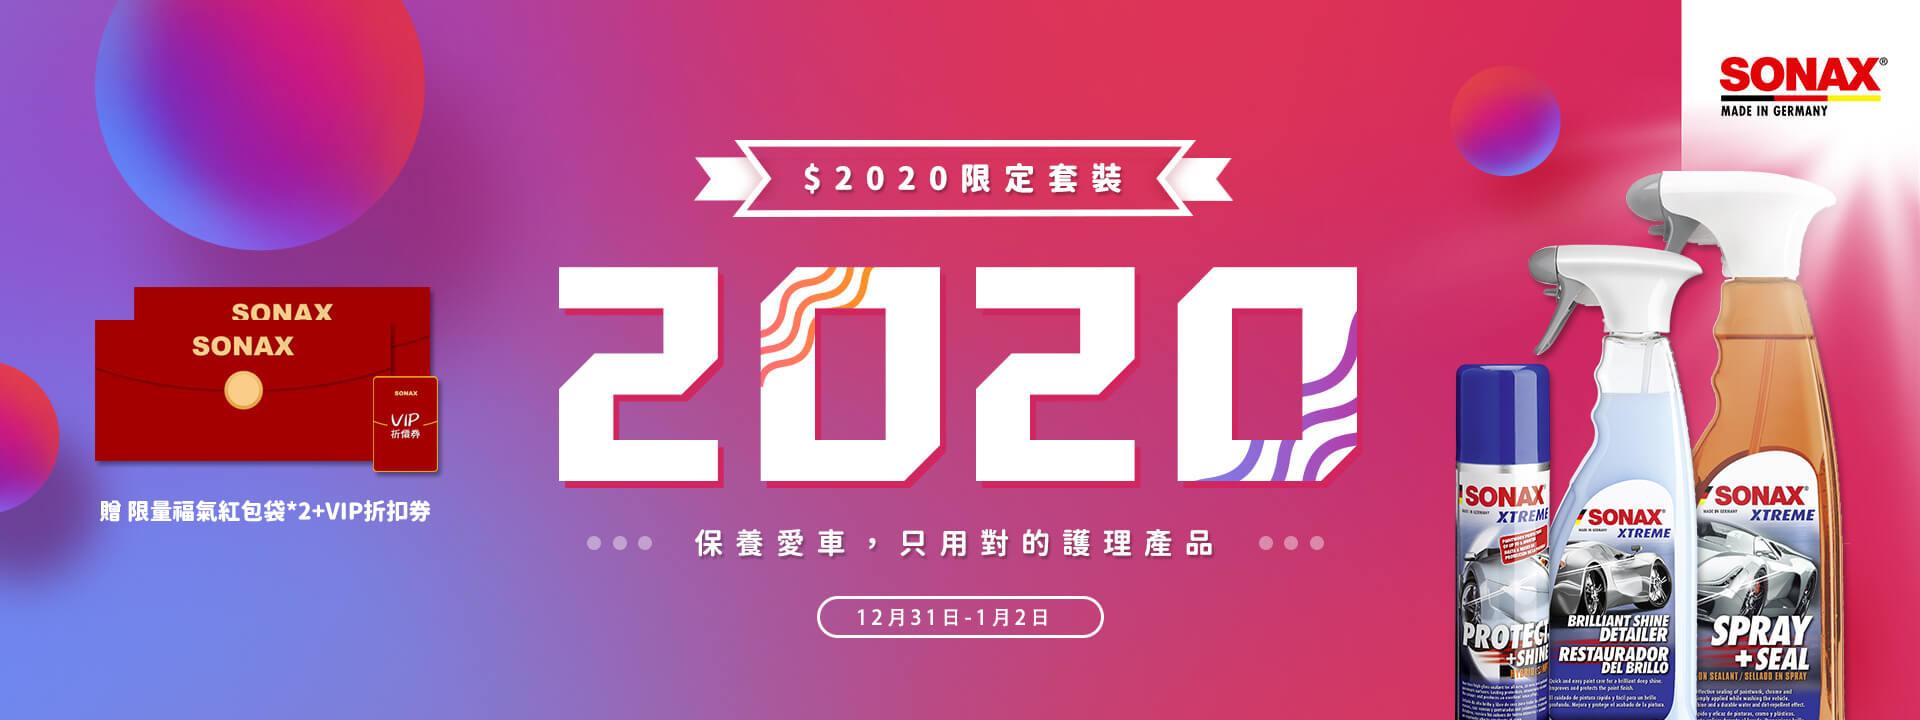 元旦,2020,CC36,cc36,棕櫚蠟